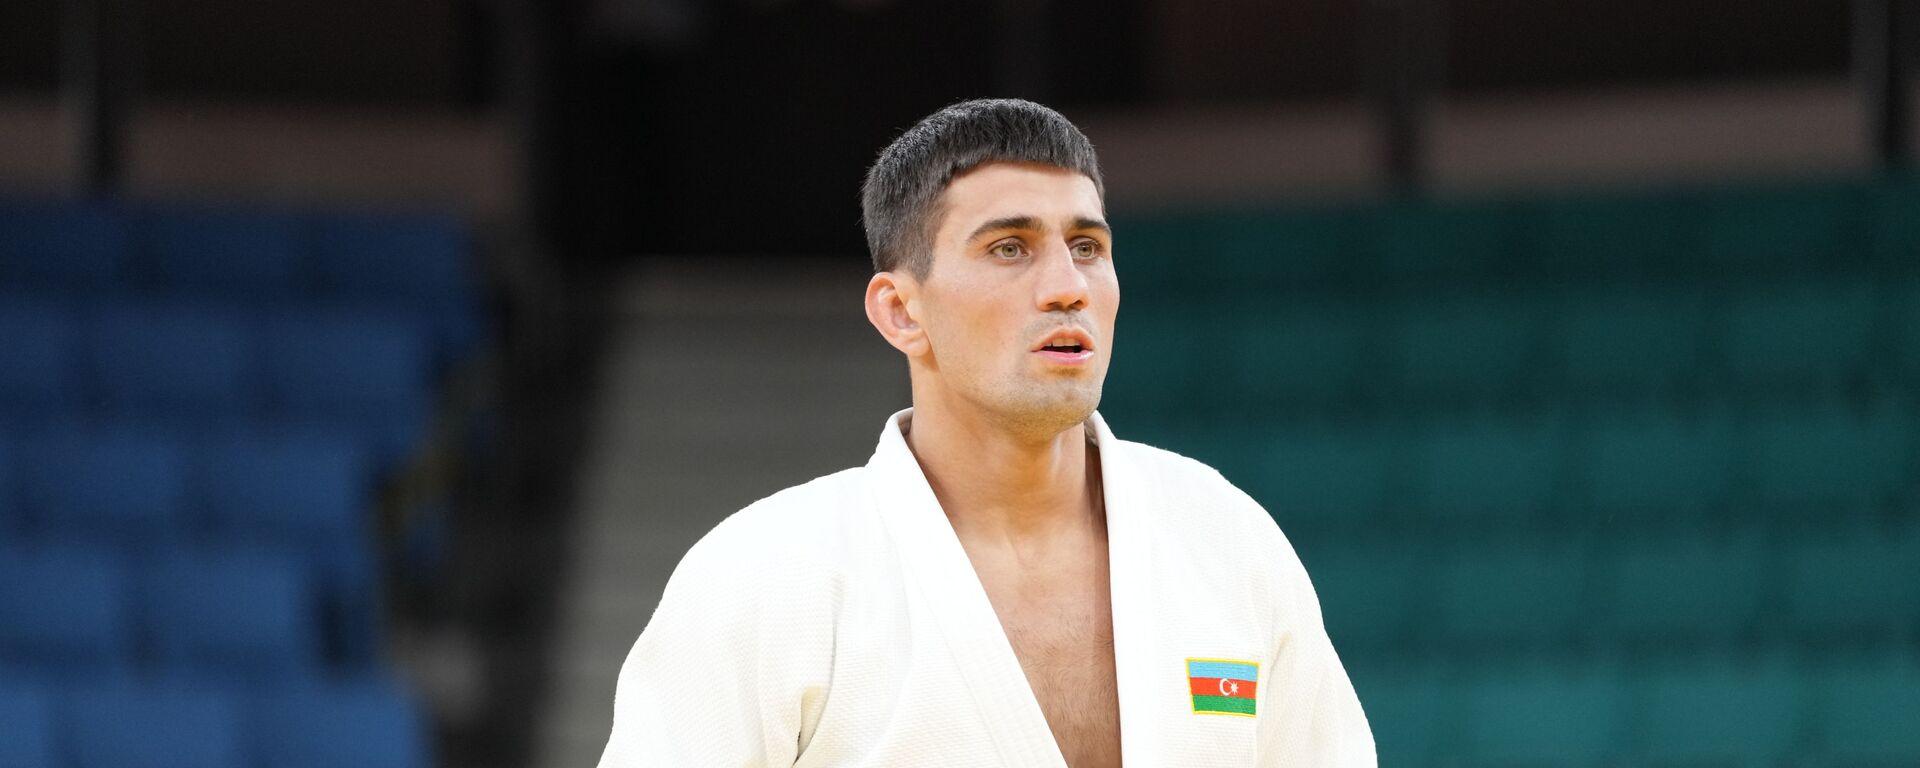 Азербайджанский дзюдоист Рустам Оруджев, фото из архива - Sputnik Азербайджан, 1920, 07.10.2021